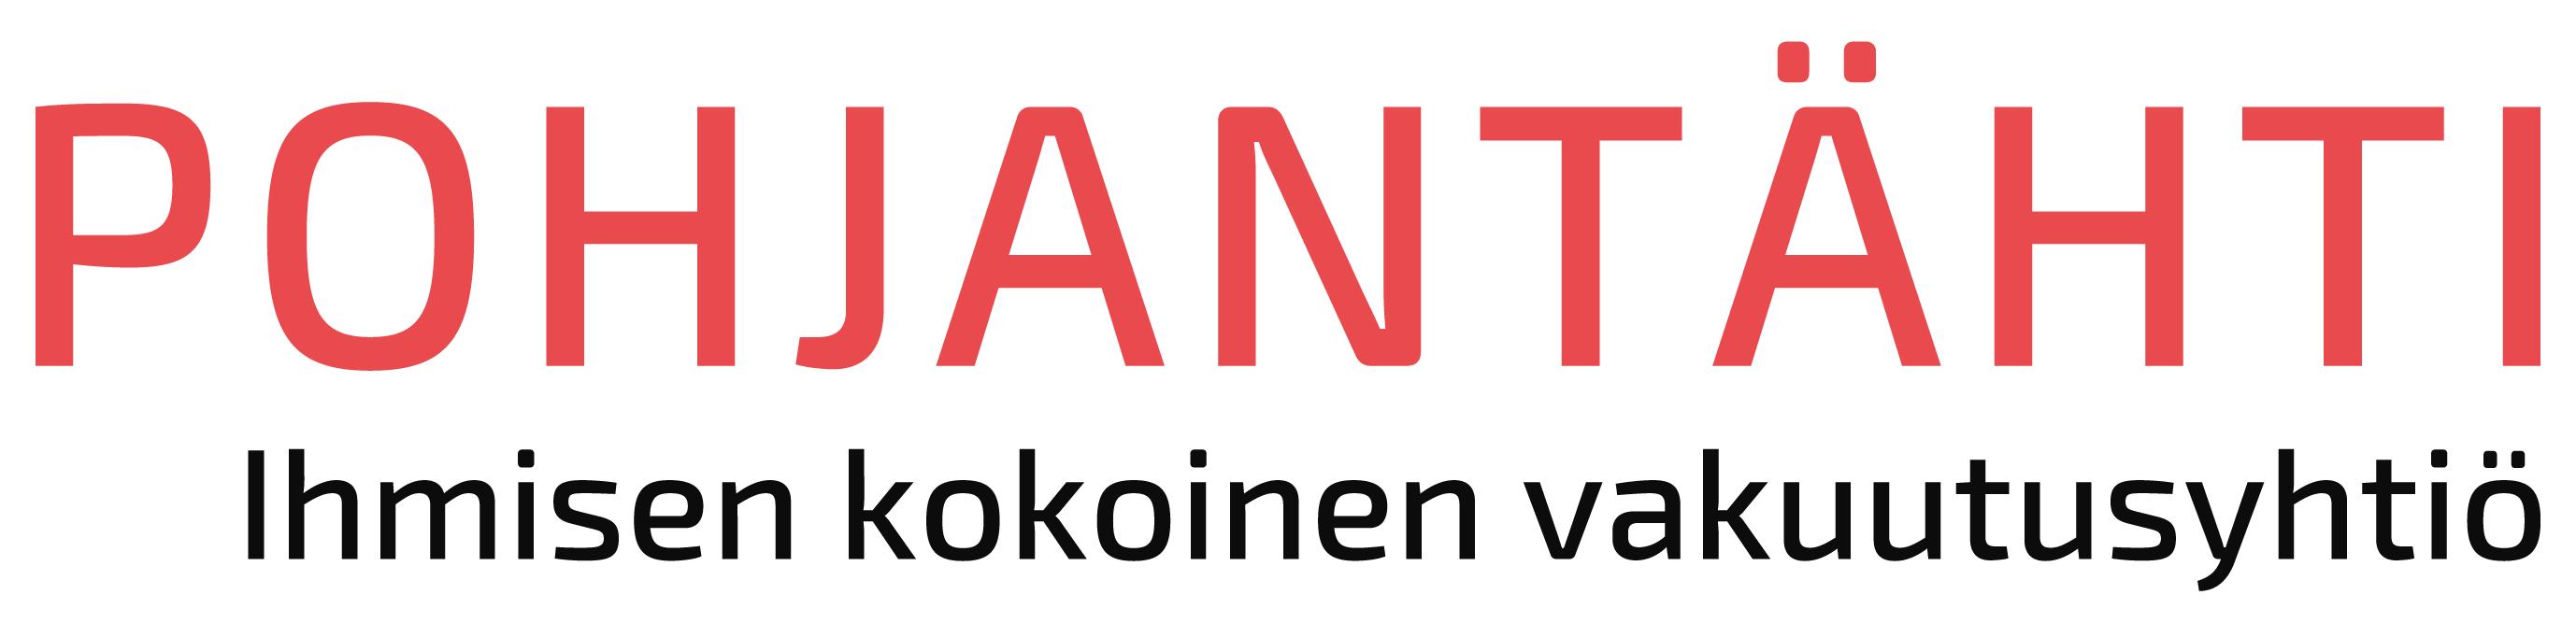 Pohjantähden logo (toimii linkkinä etusivulle)